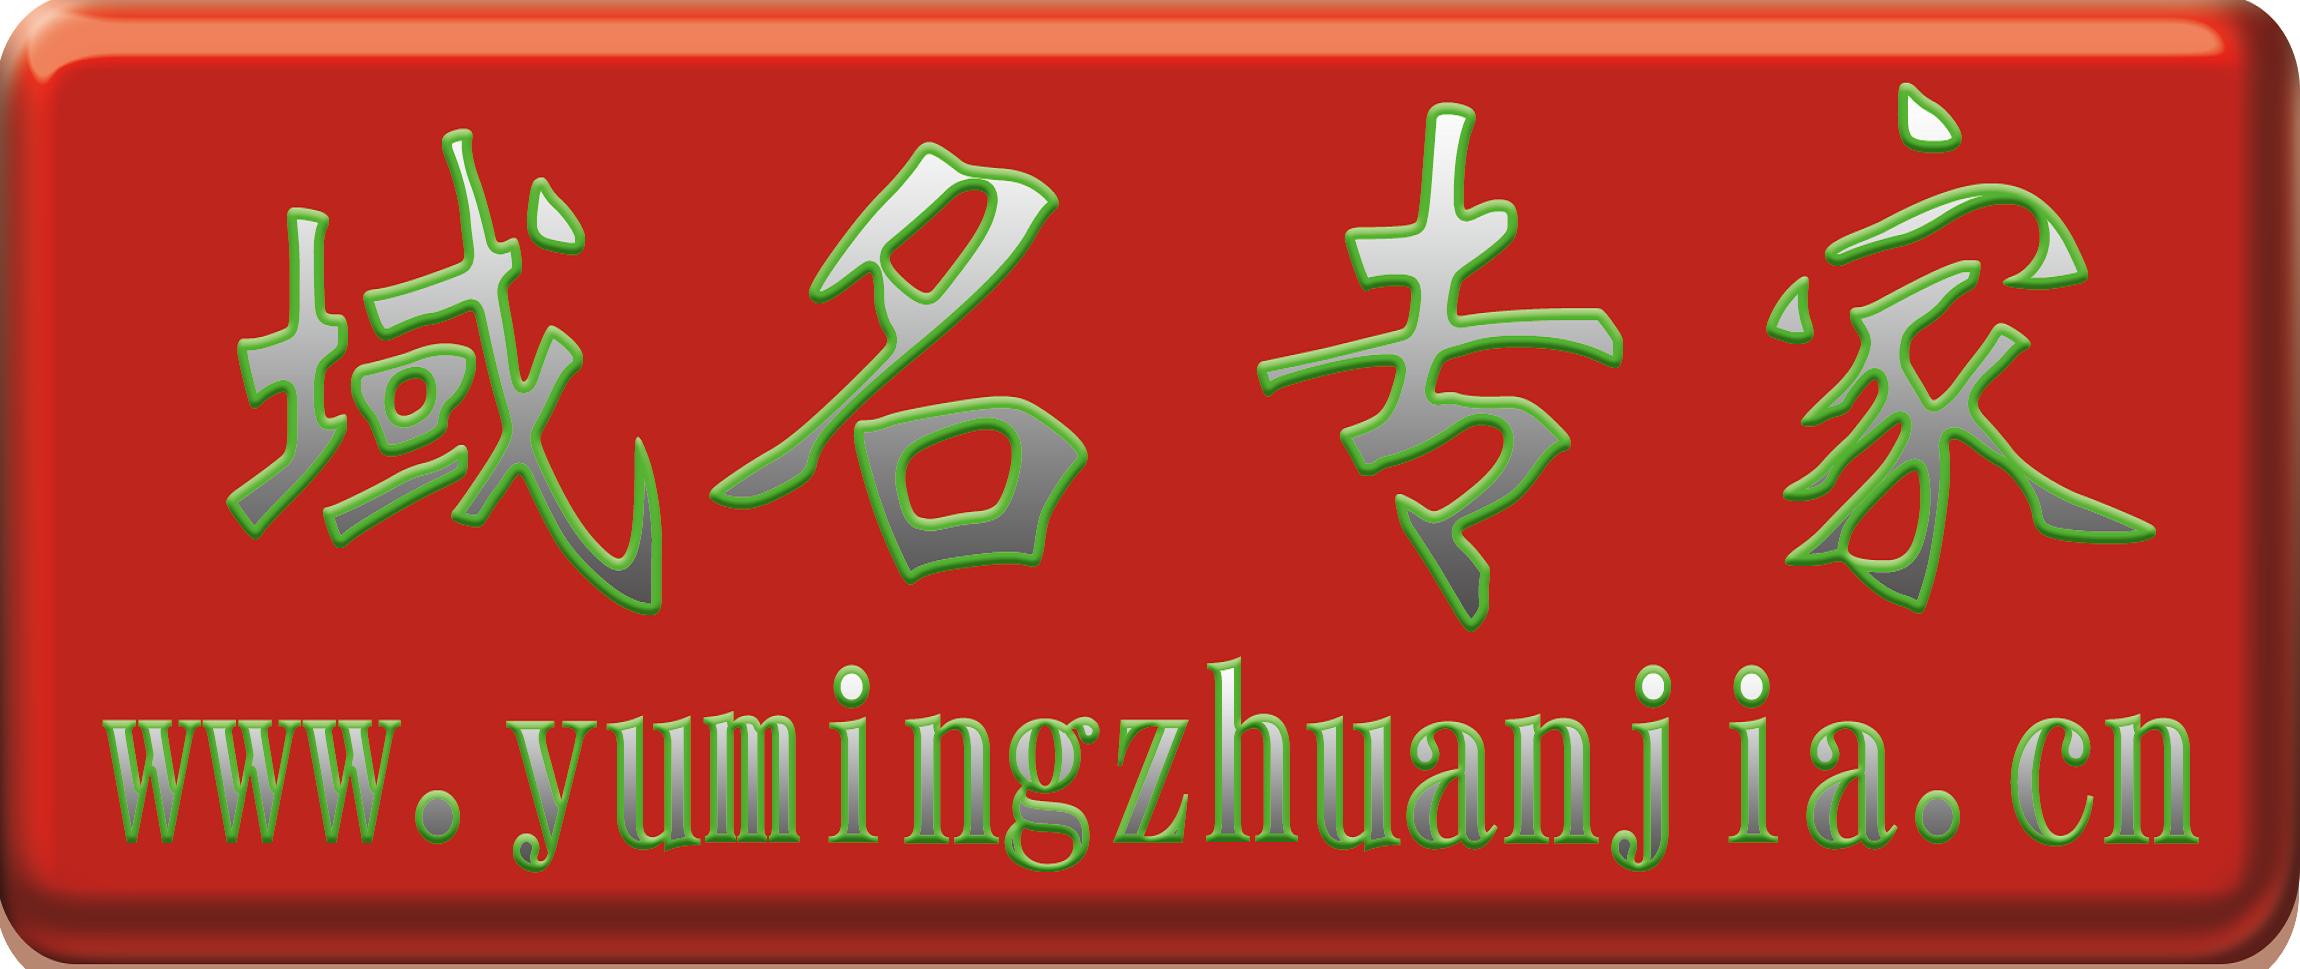 域名专家www.yumingzhuanjia.cn-无论您是创业、品牌升级还是知识产权保护,域名专家都能帮您找到合适您的域名!